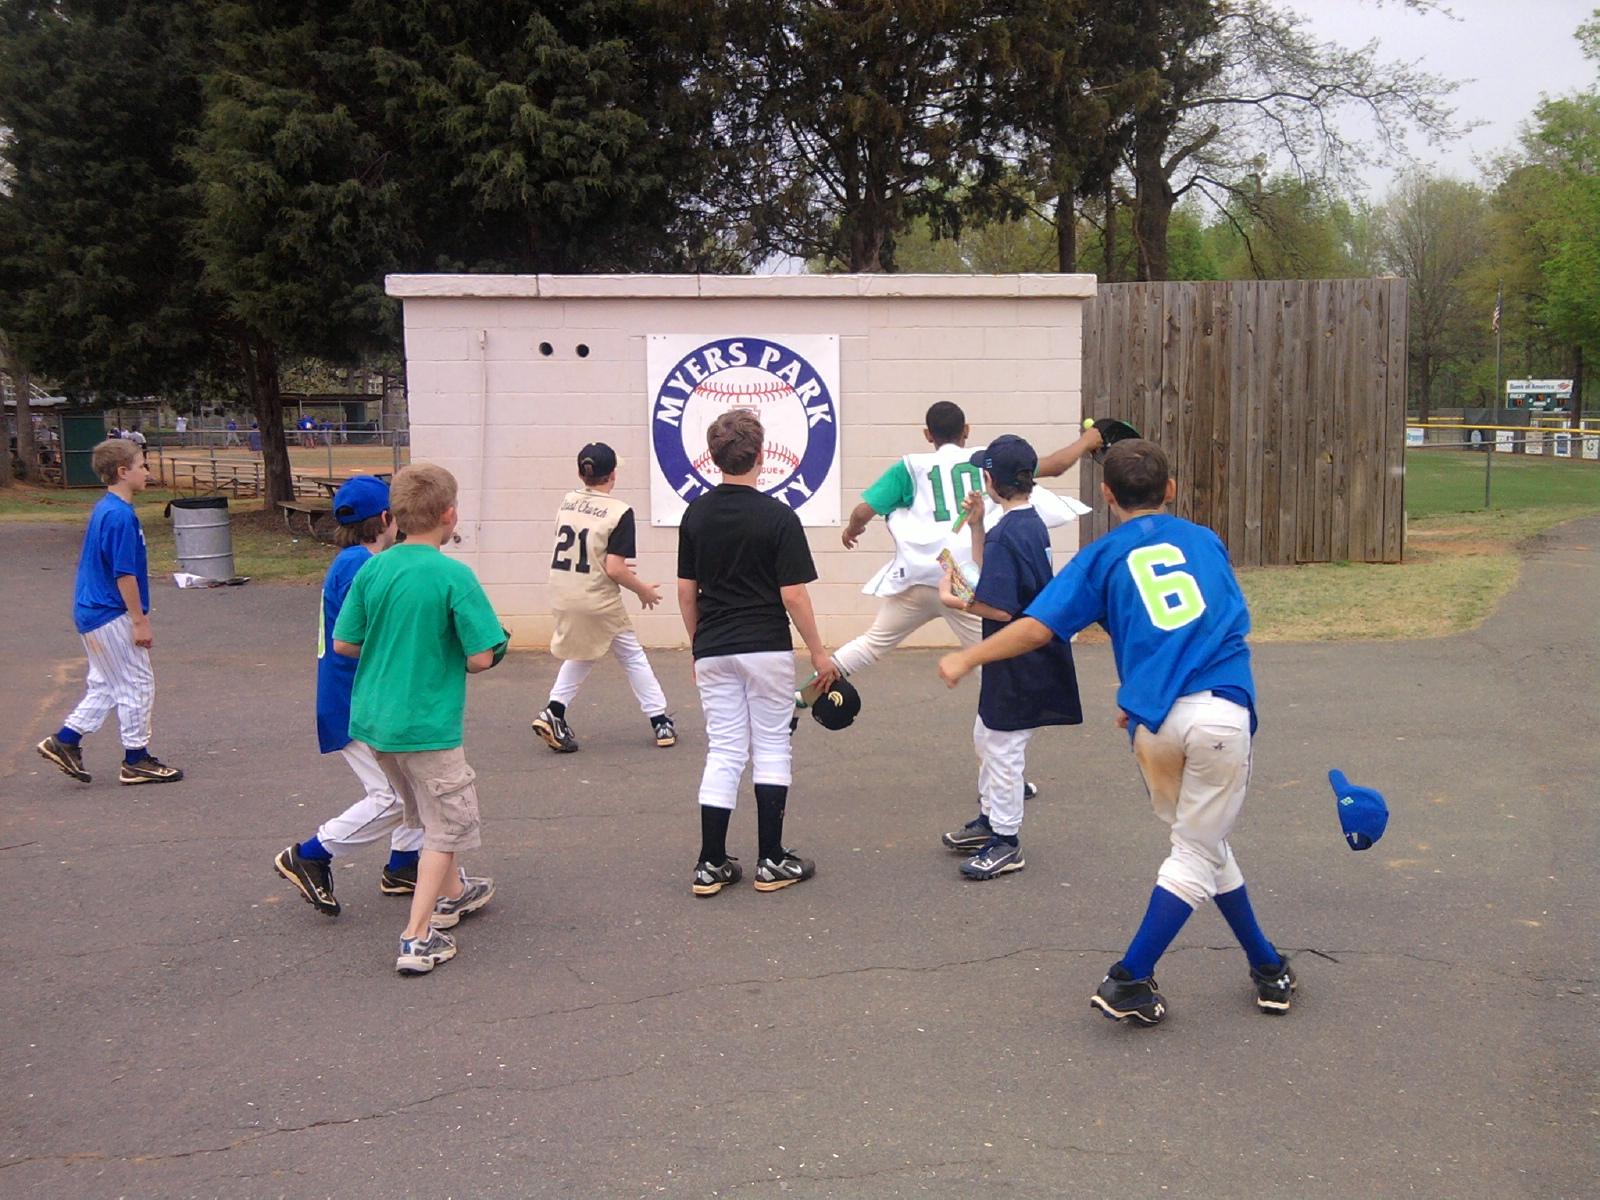 Wall ball game